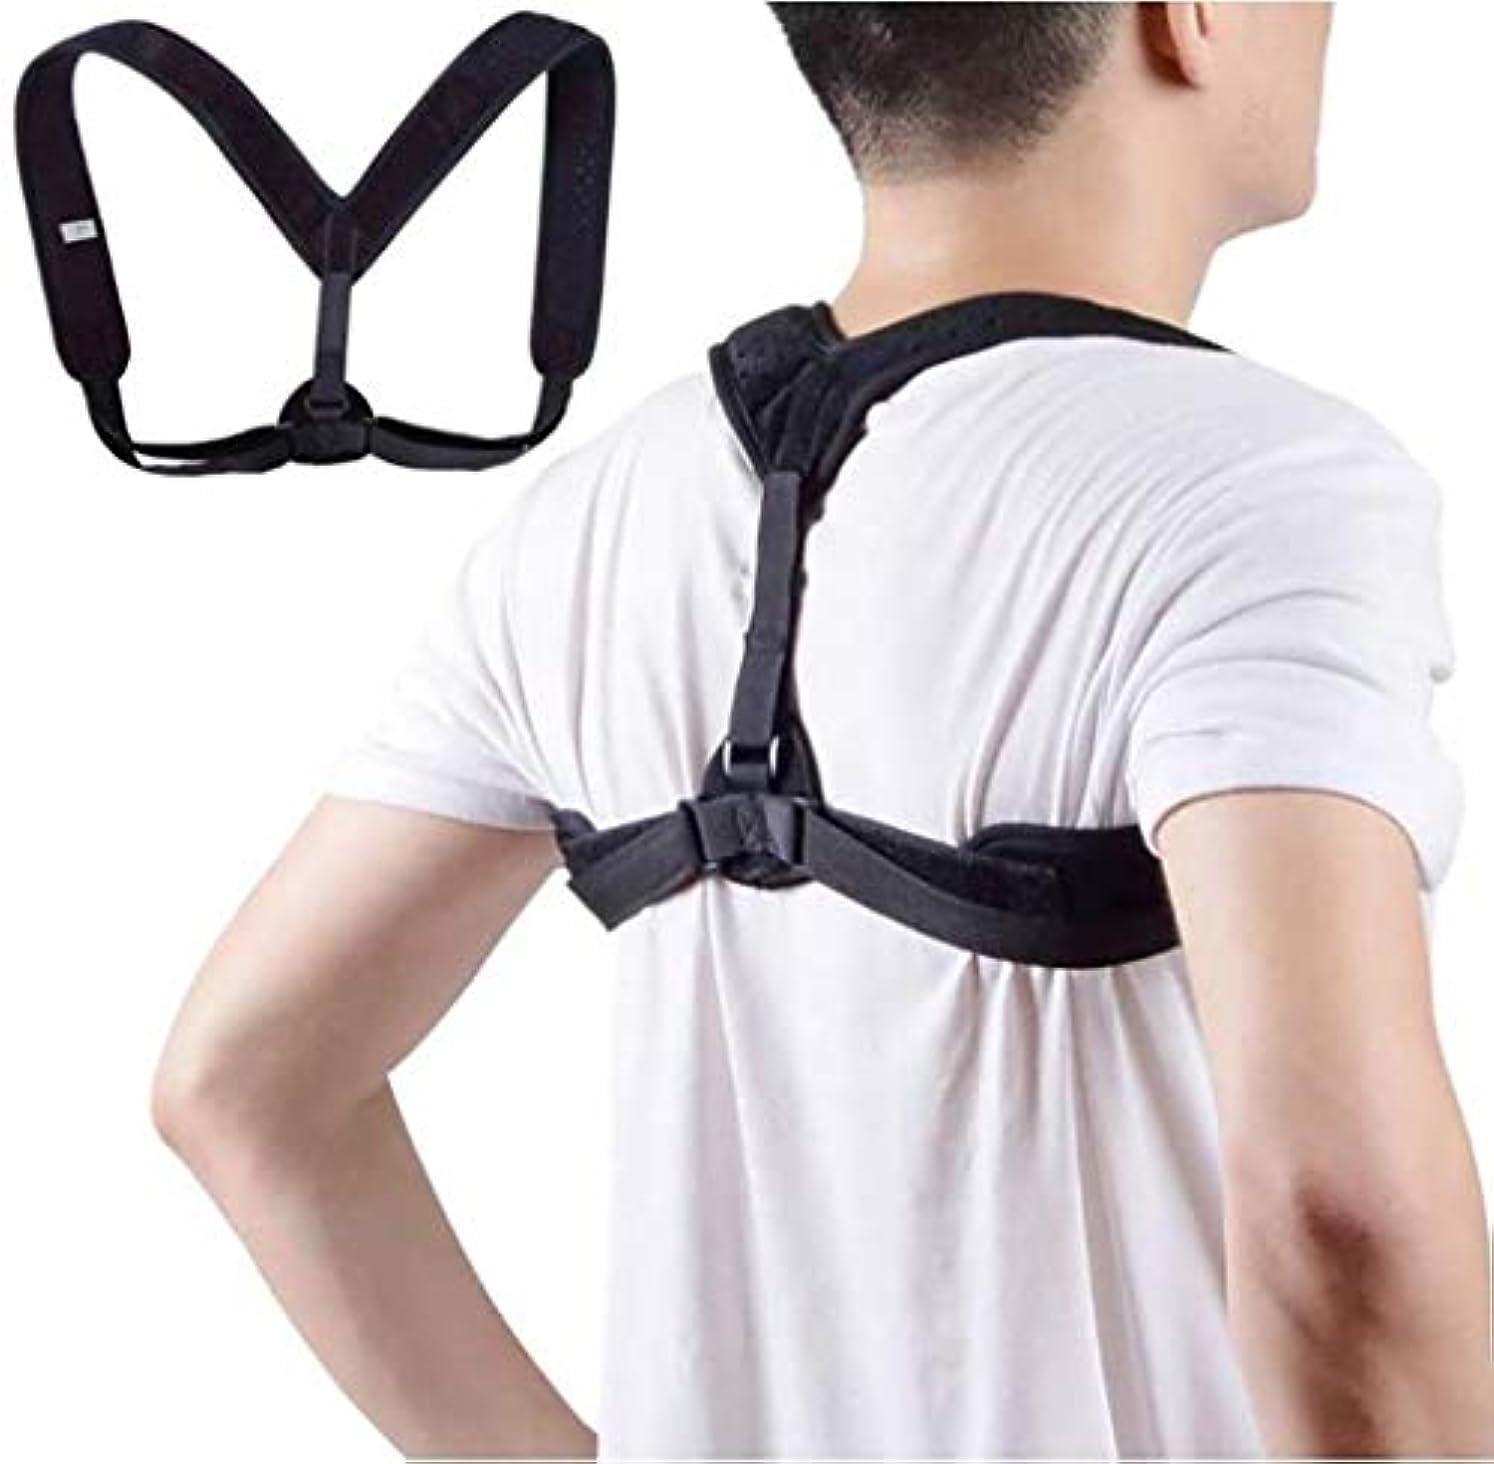 生タウポ湖ハード姿勢矯正ベルト、背部装具、悪い姿勢の改善、気質の改善、調整可能、腰痛緩和のためのダブルストロングスプリント、オフィス学習演習用 (Color : L)